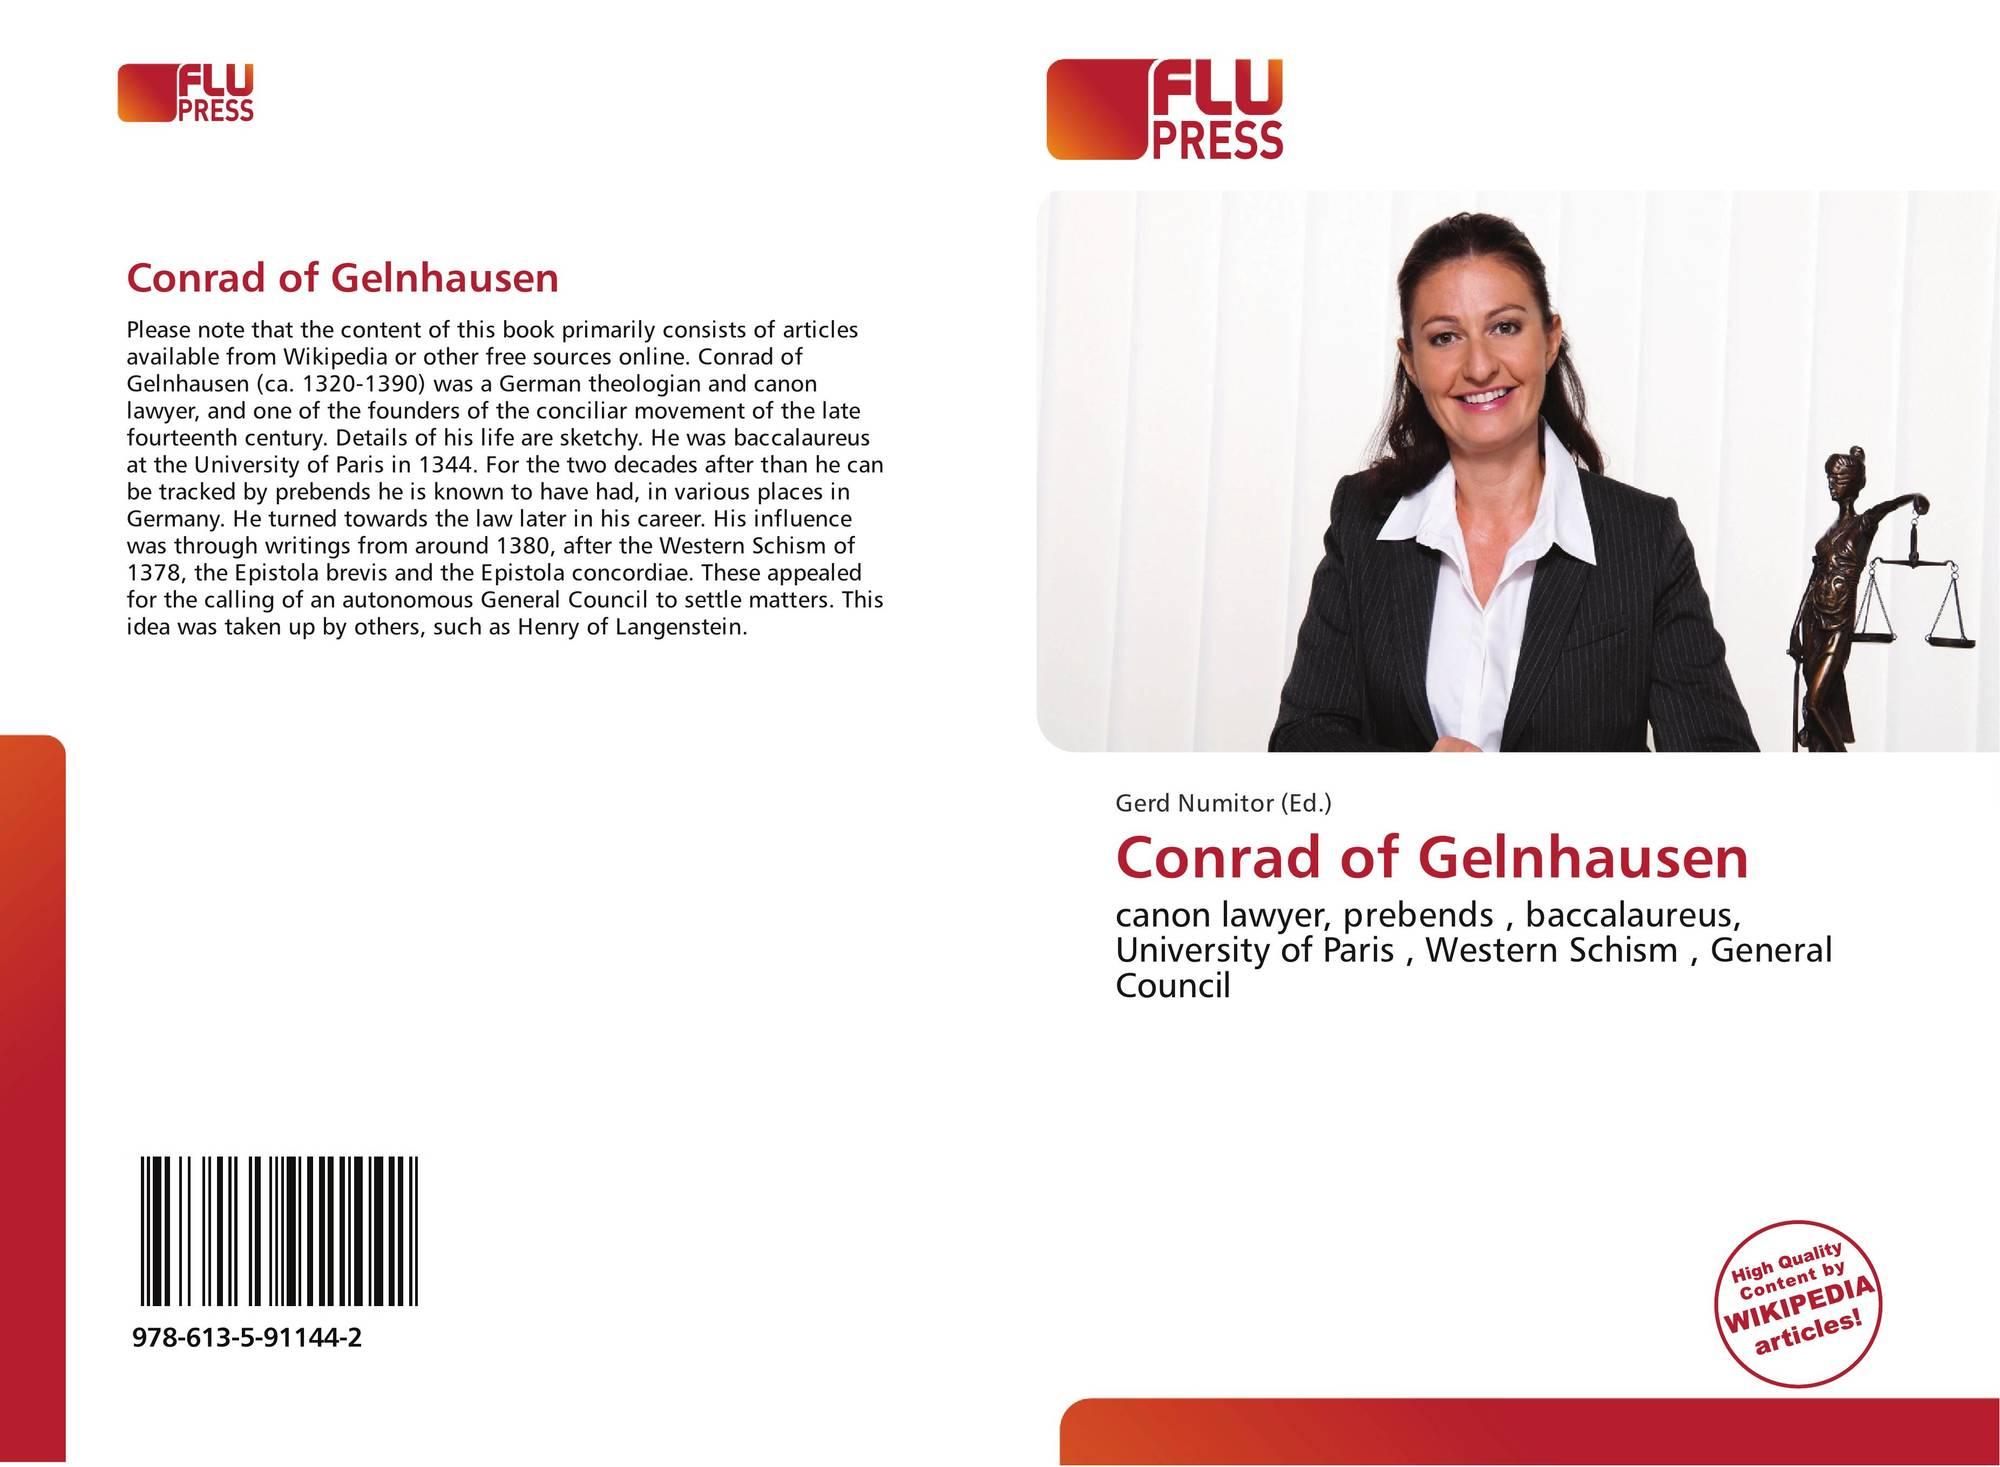 Conrad of Gelnhausen, 978-613-5-91144-2, 6135911449